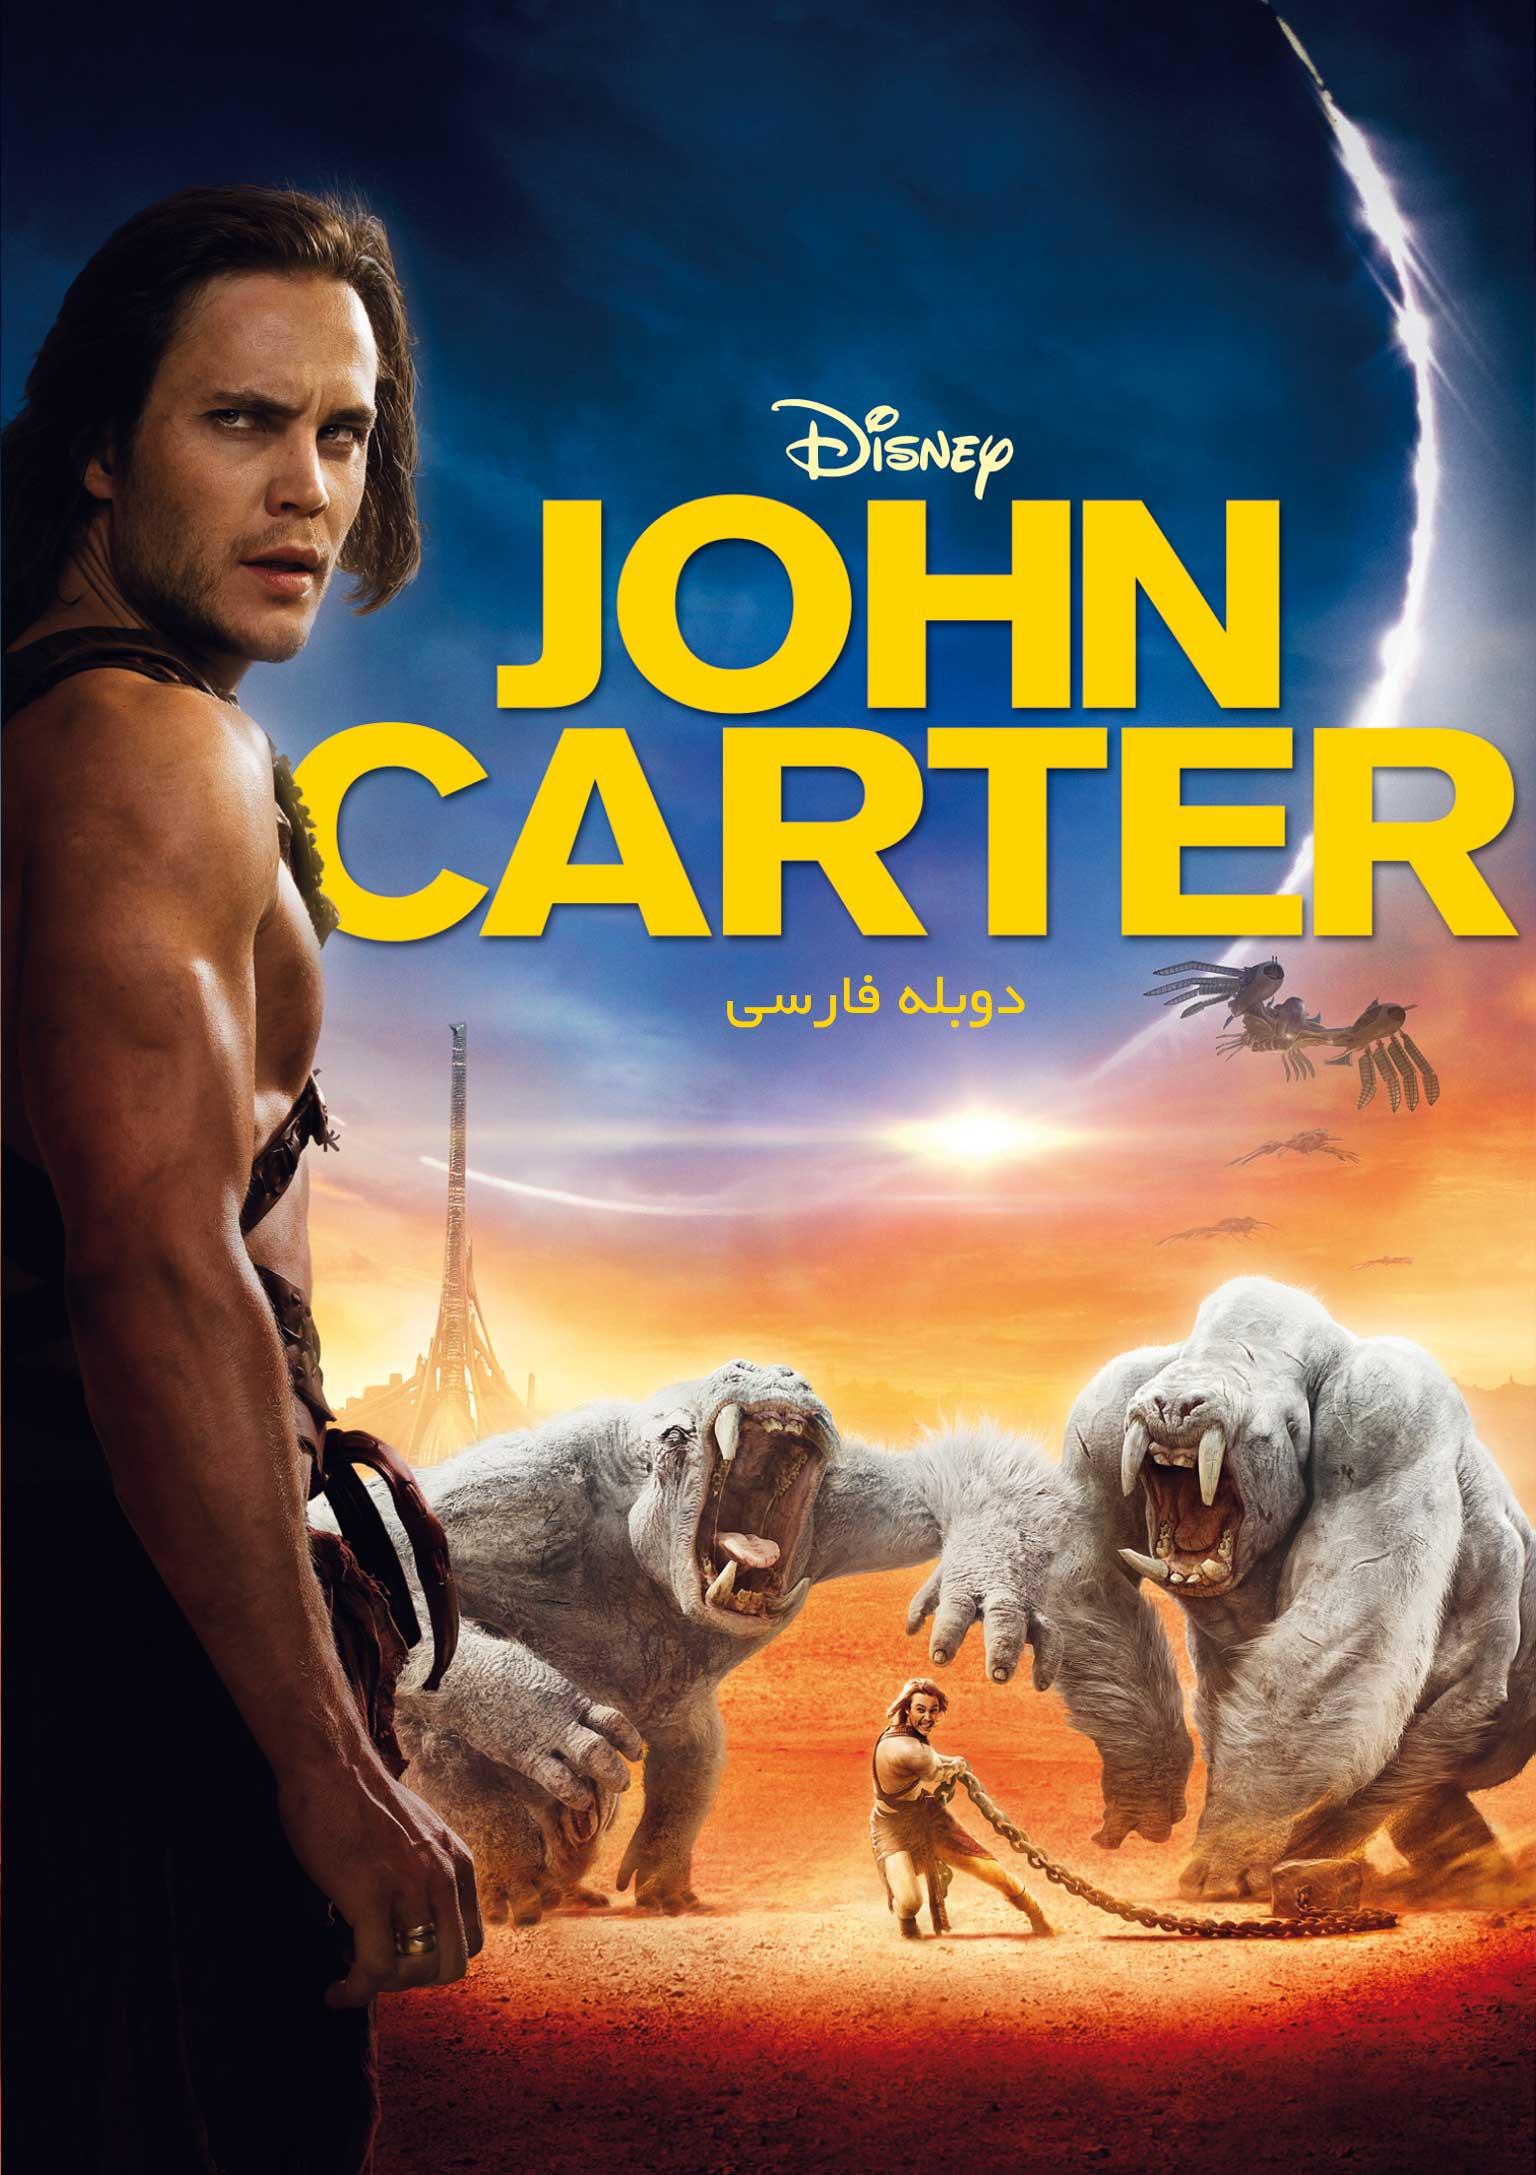 دانلود فیلم John Carter - دانلود فیلم John Carter جان کارتر دوبله فارسی